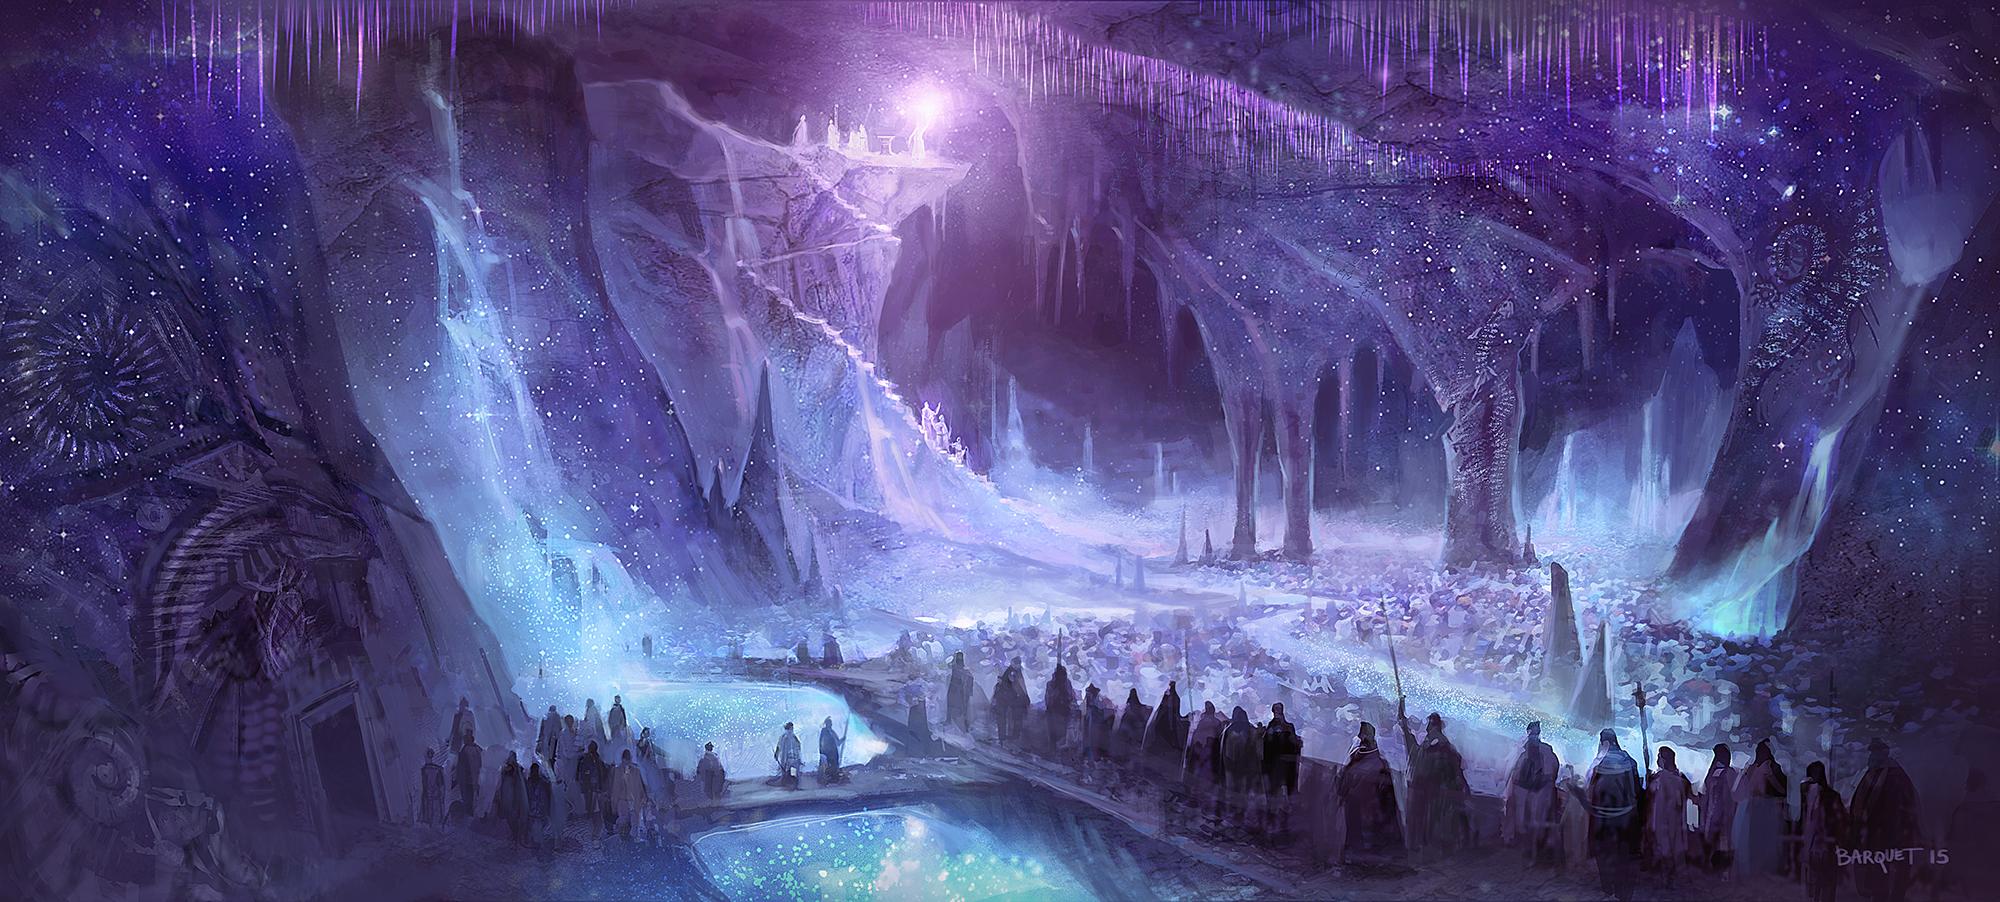 Hydra Hollow